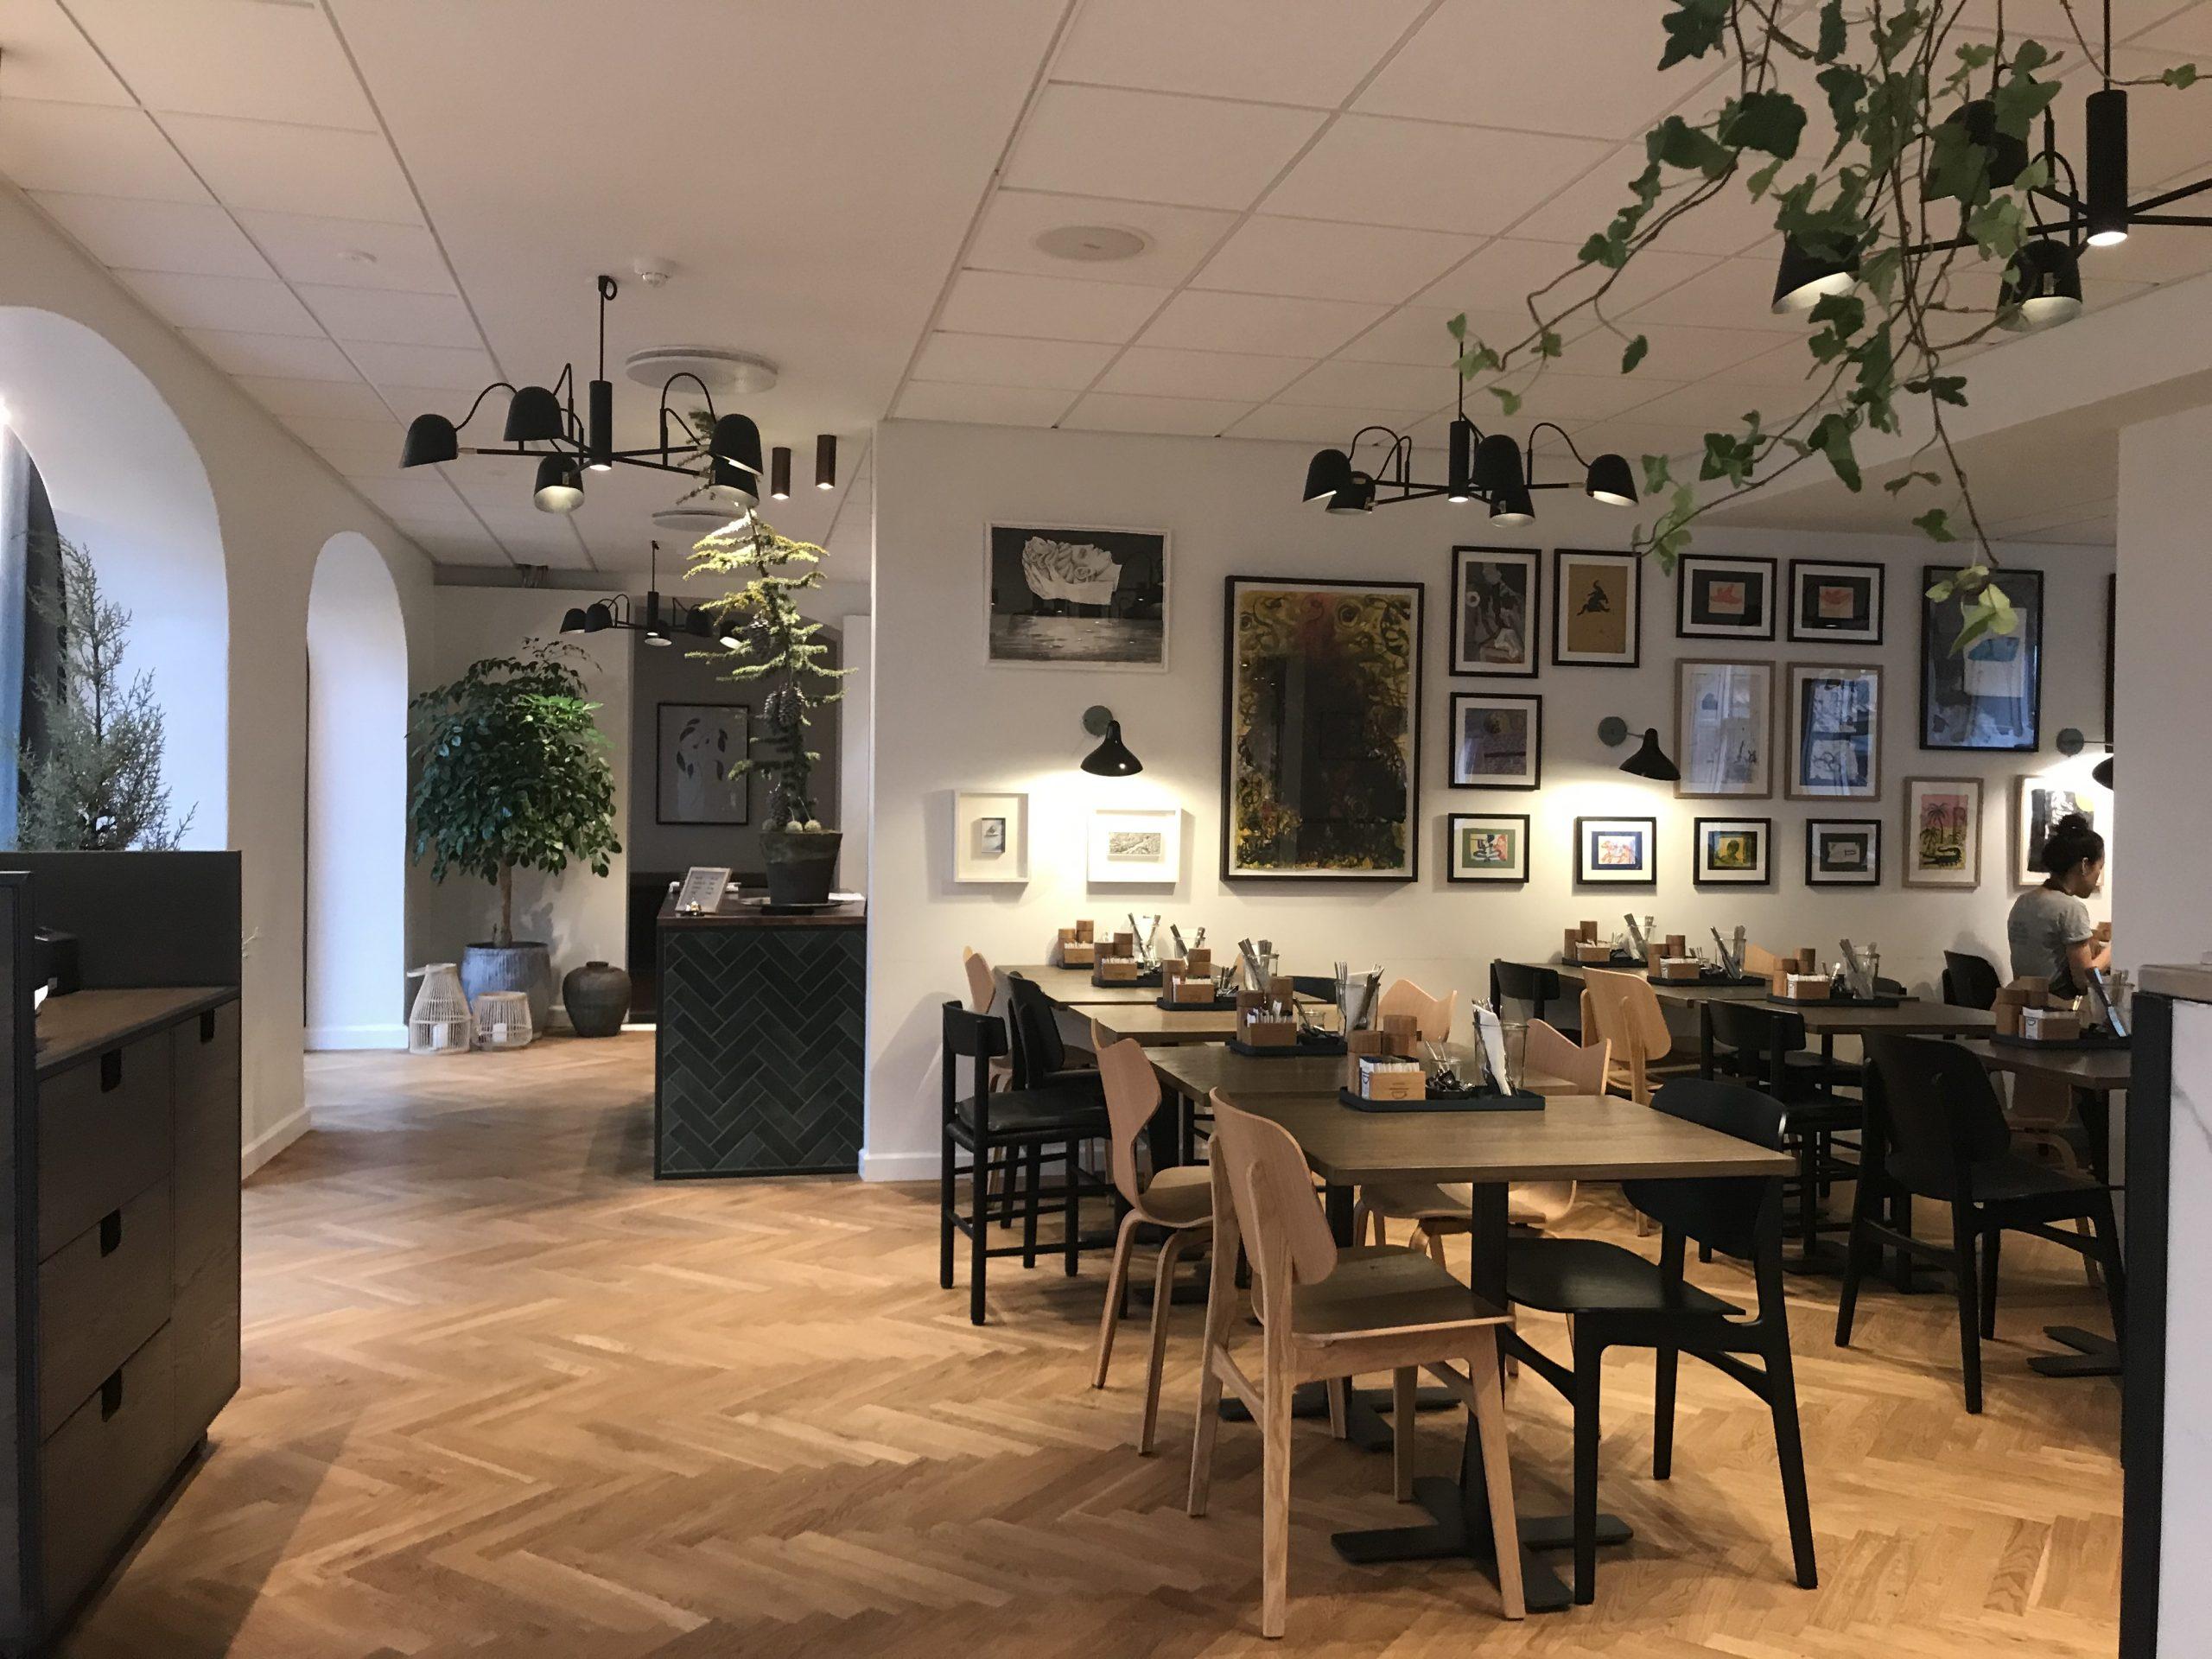 Den smagfuldt indrettede morgenmadsrestaurant på Hotel Kong Arthur. (Foto: Ole Kirchert Christensen)